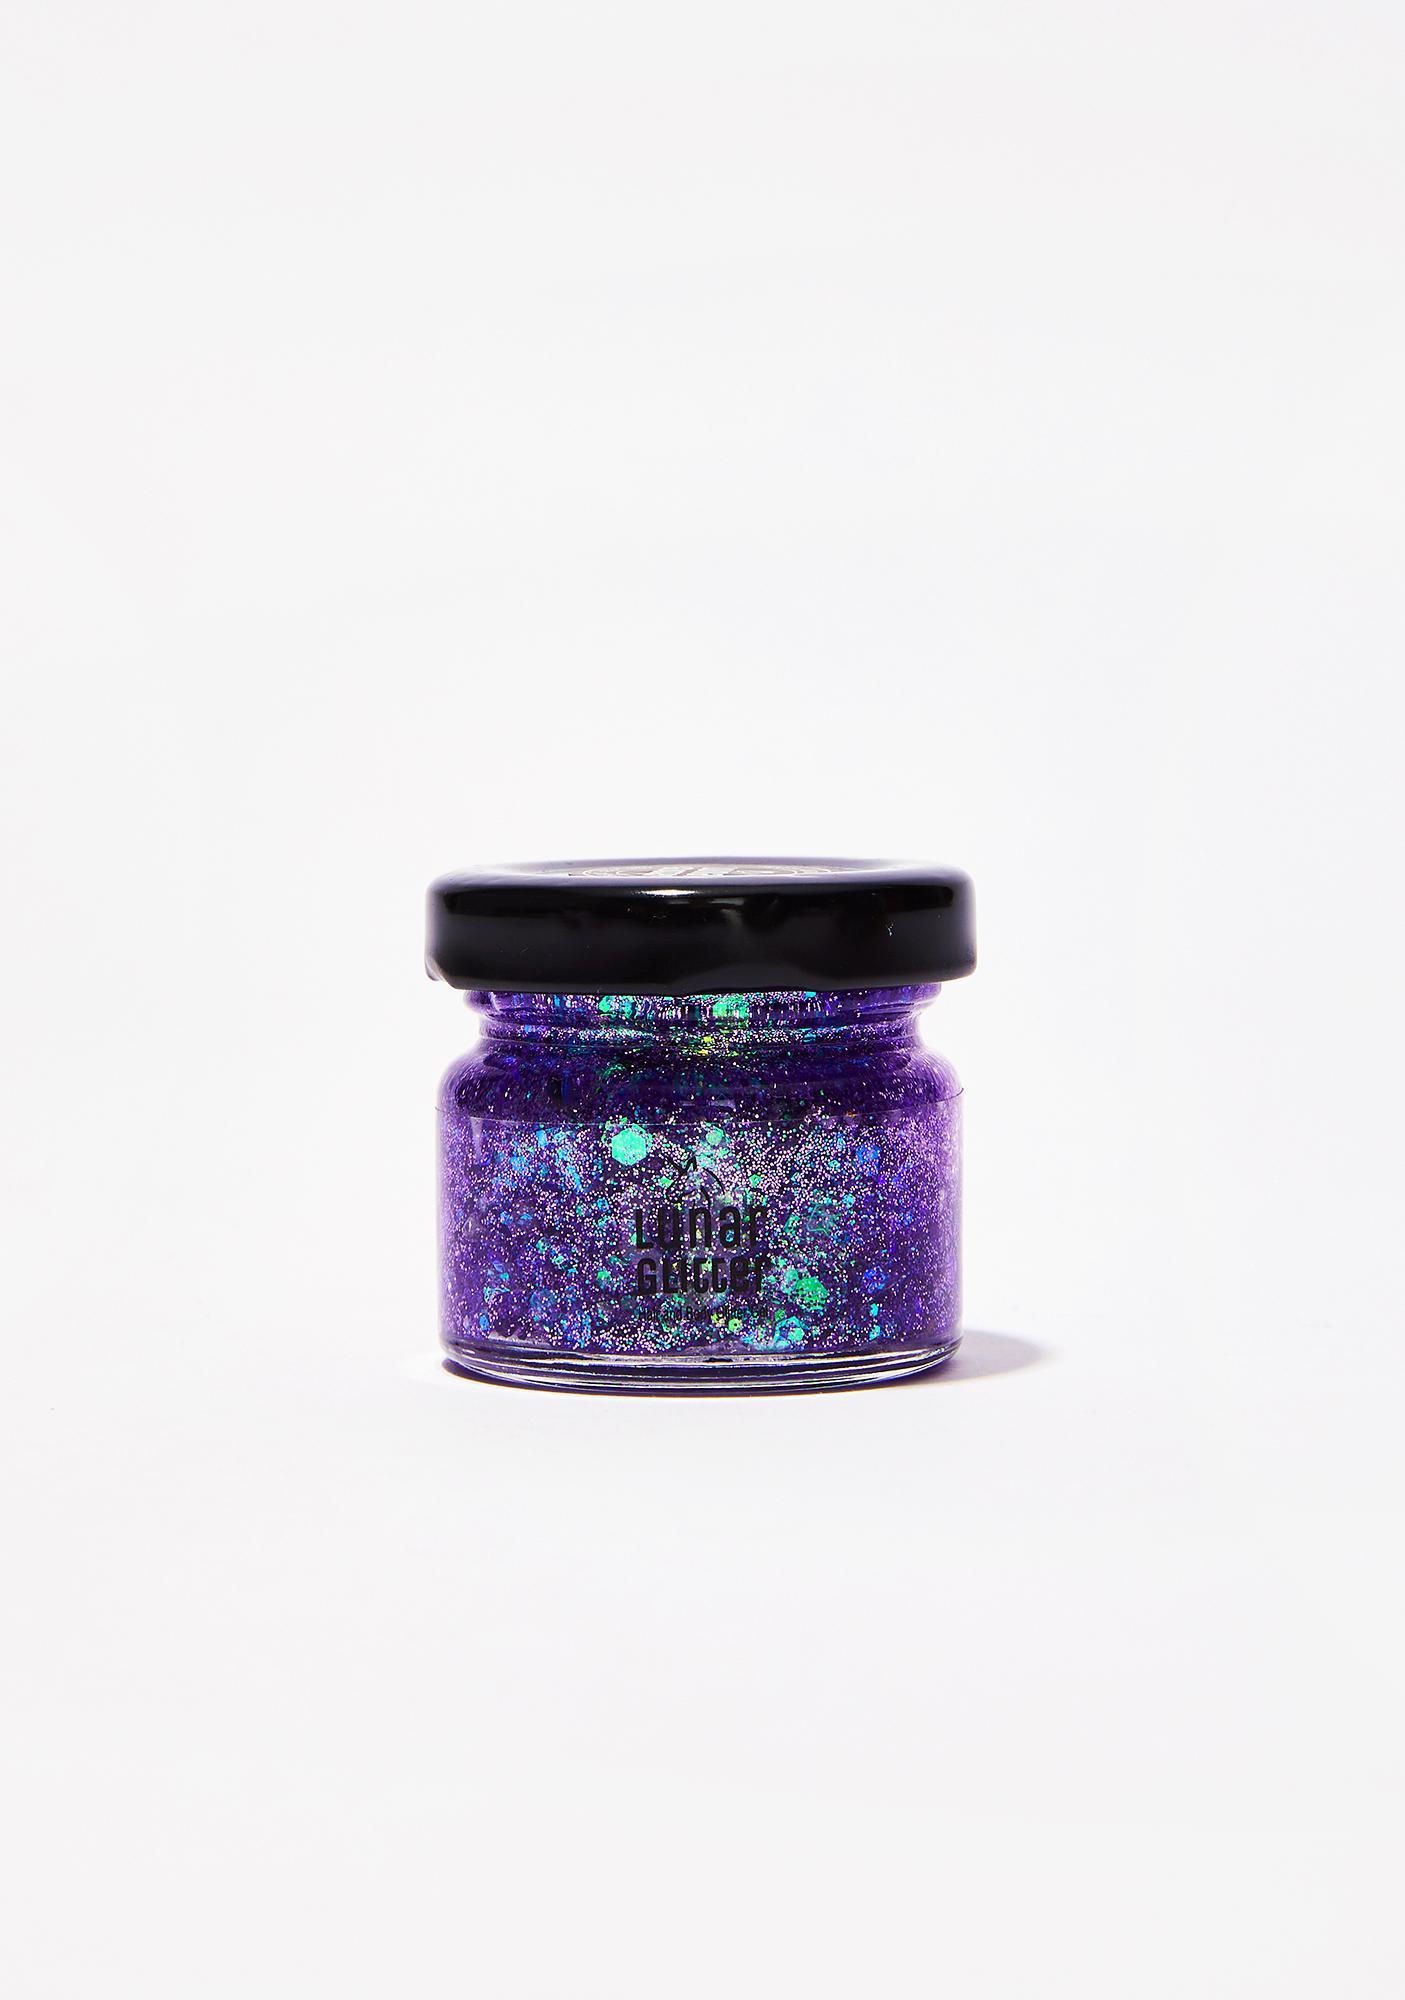 Lunar Glitter Galaxy Glow Glitter Gel